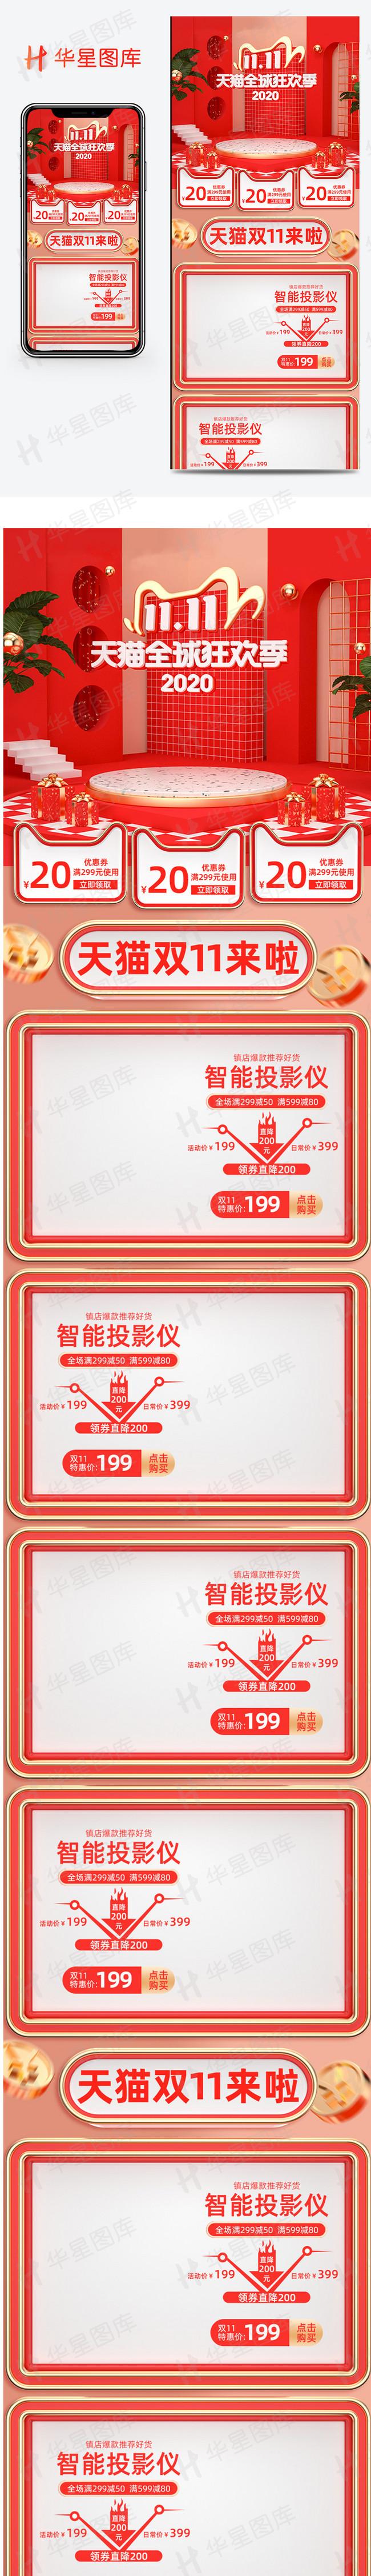 红色c4d双11全球狂欢节电商首页手机版750 px